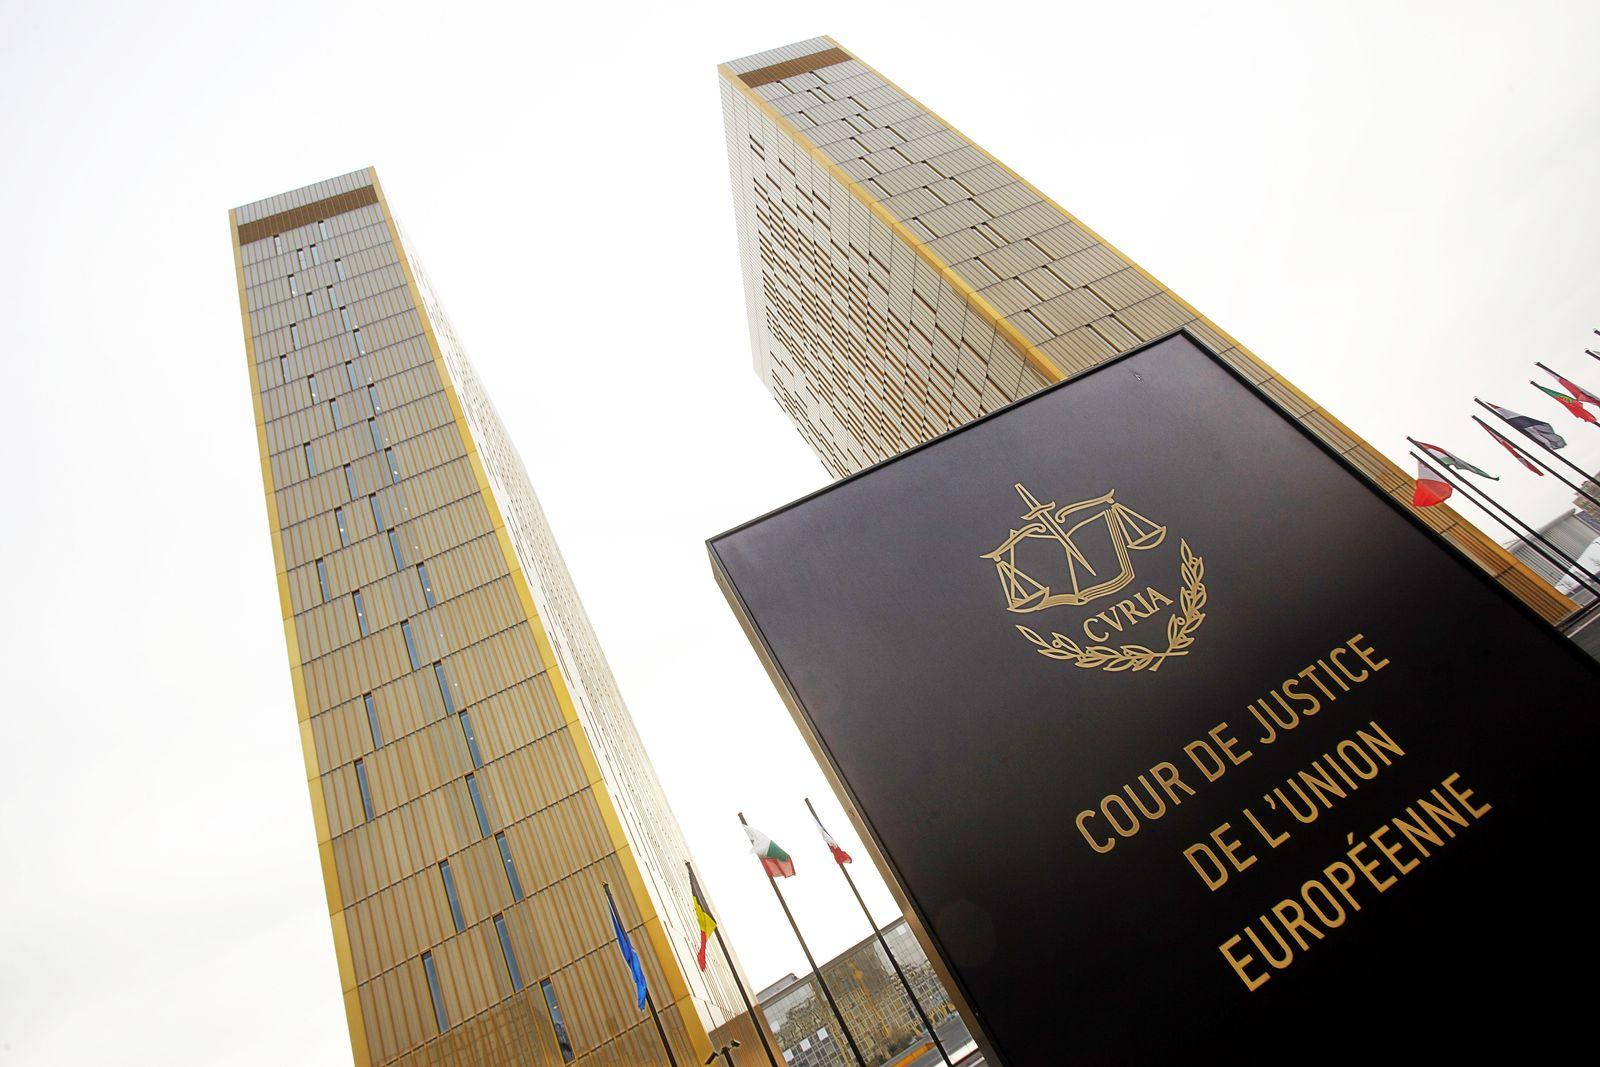 EuGH / European Court of Justice